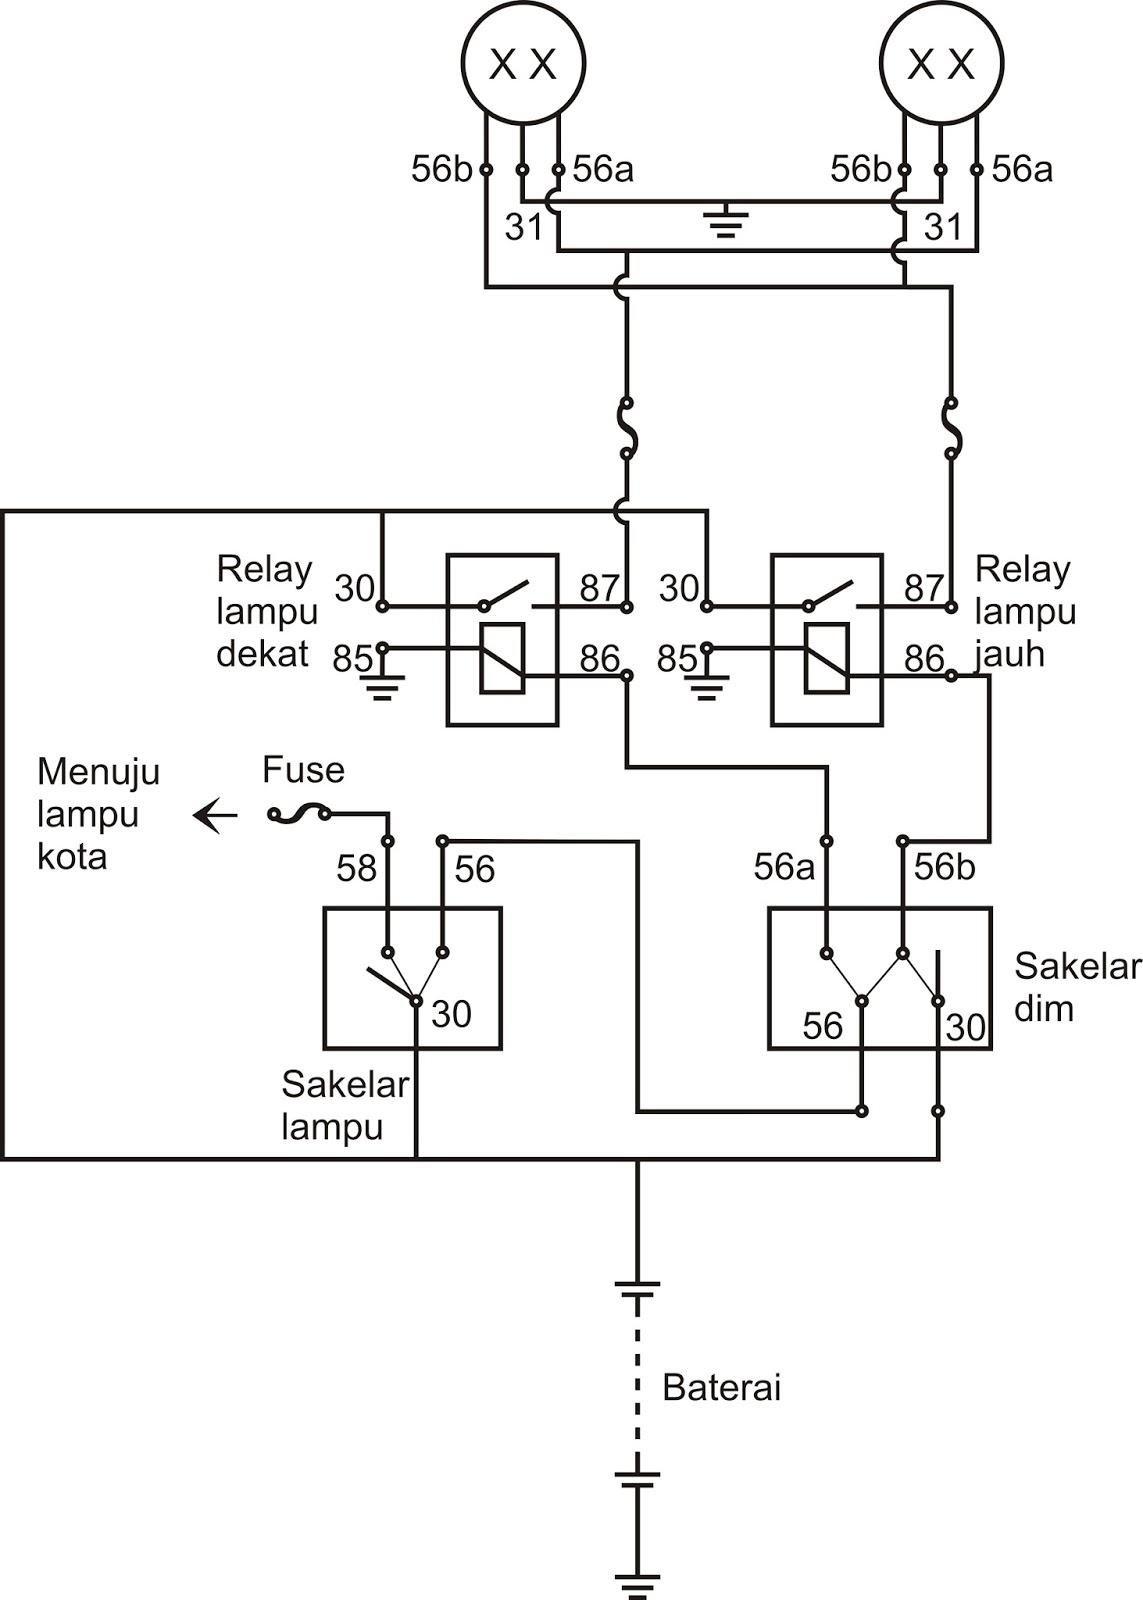 Wiring Diagram Lampu Depan Mobil Online Wiring Diagram